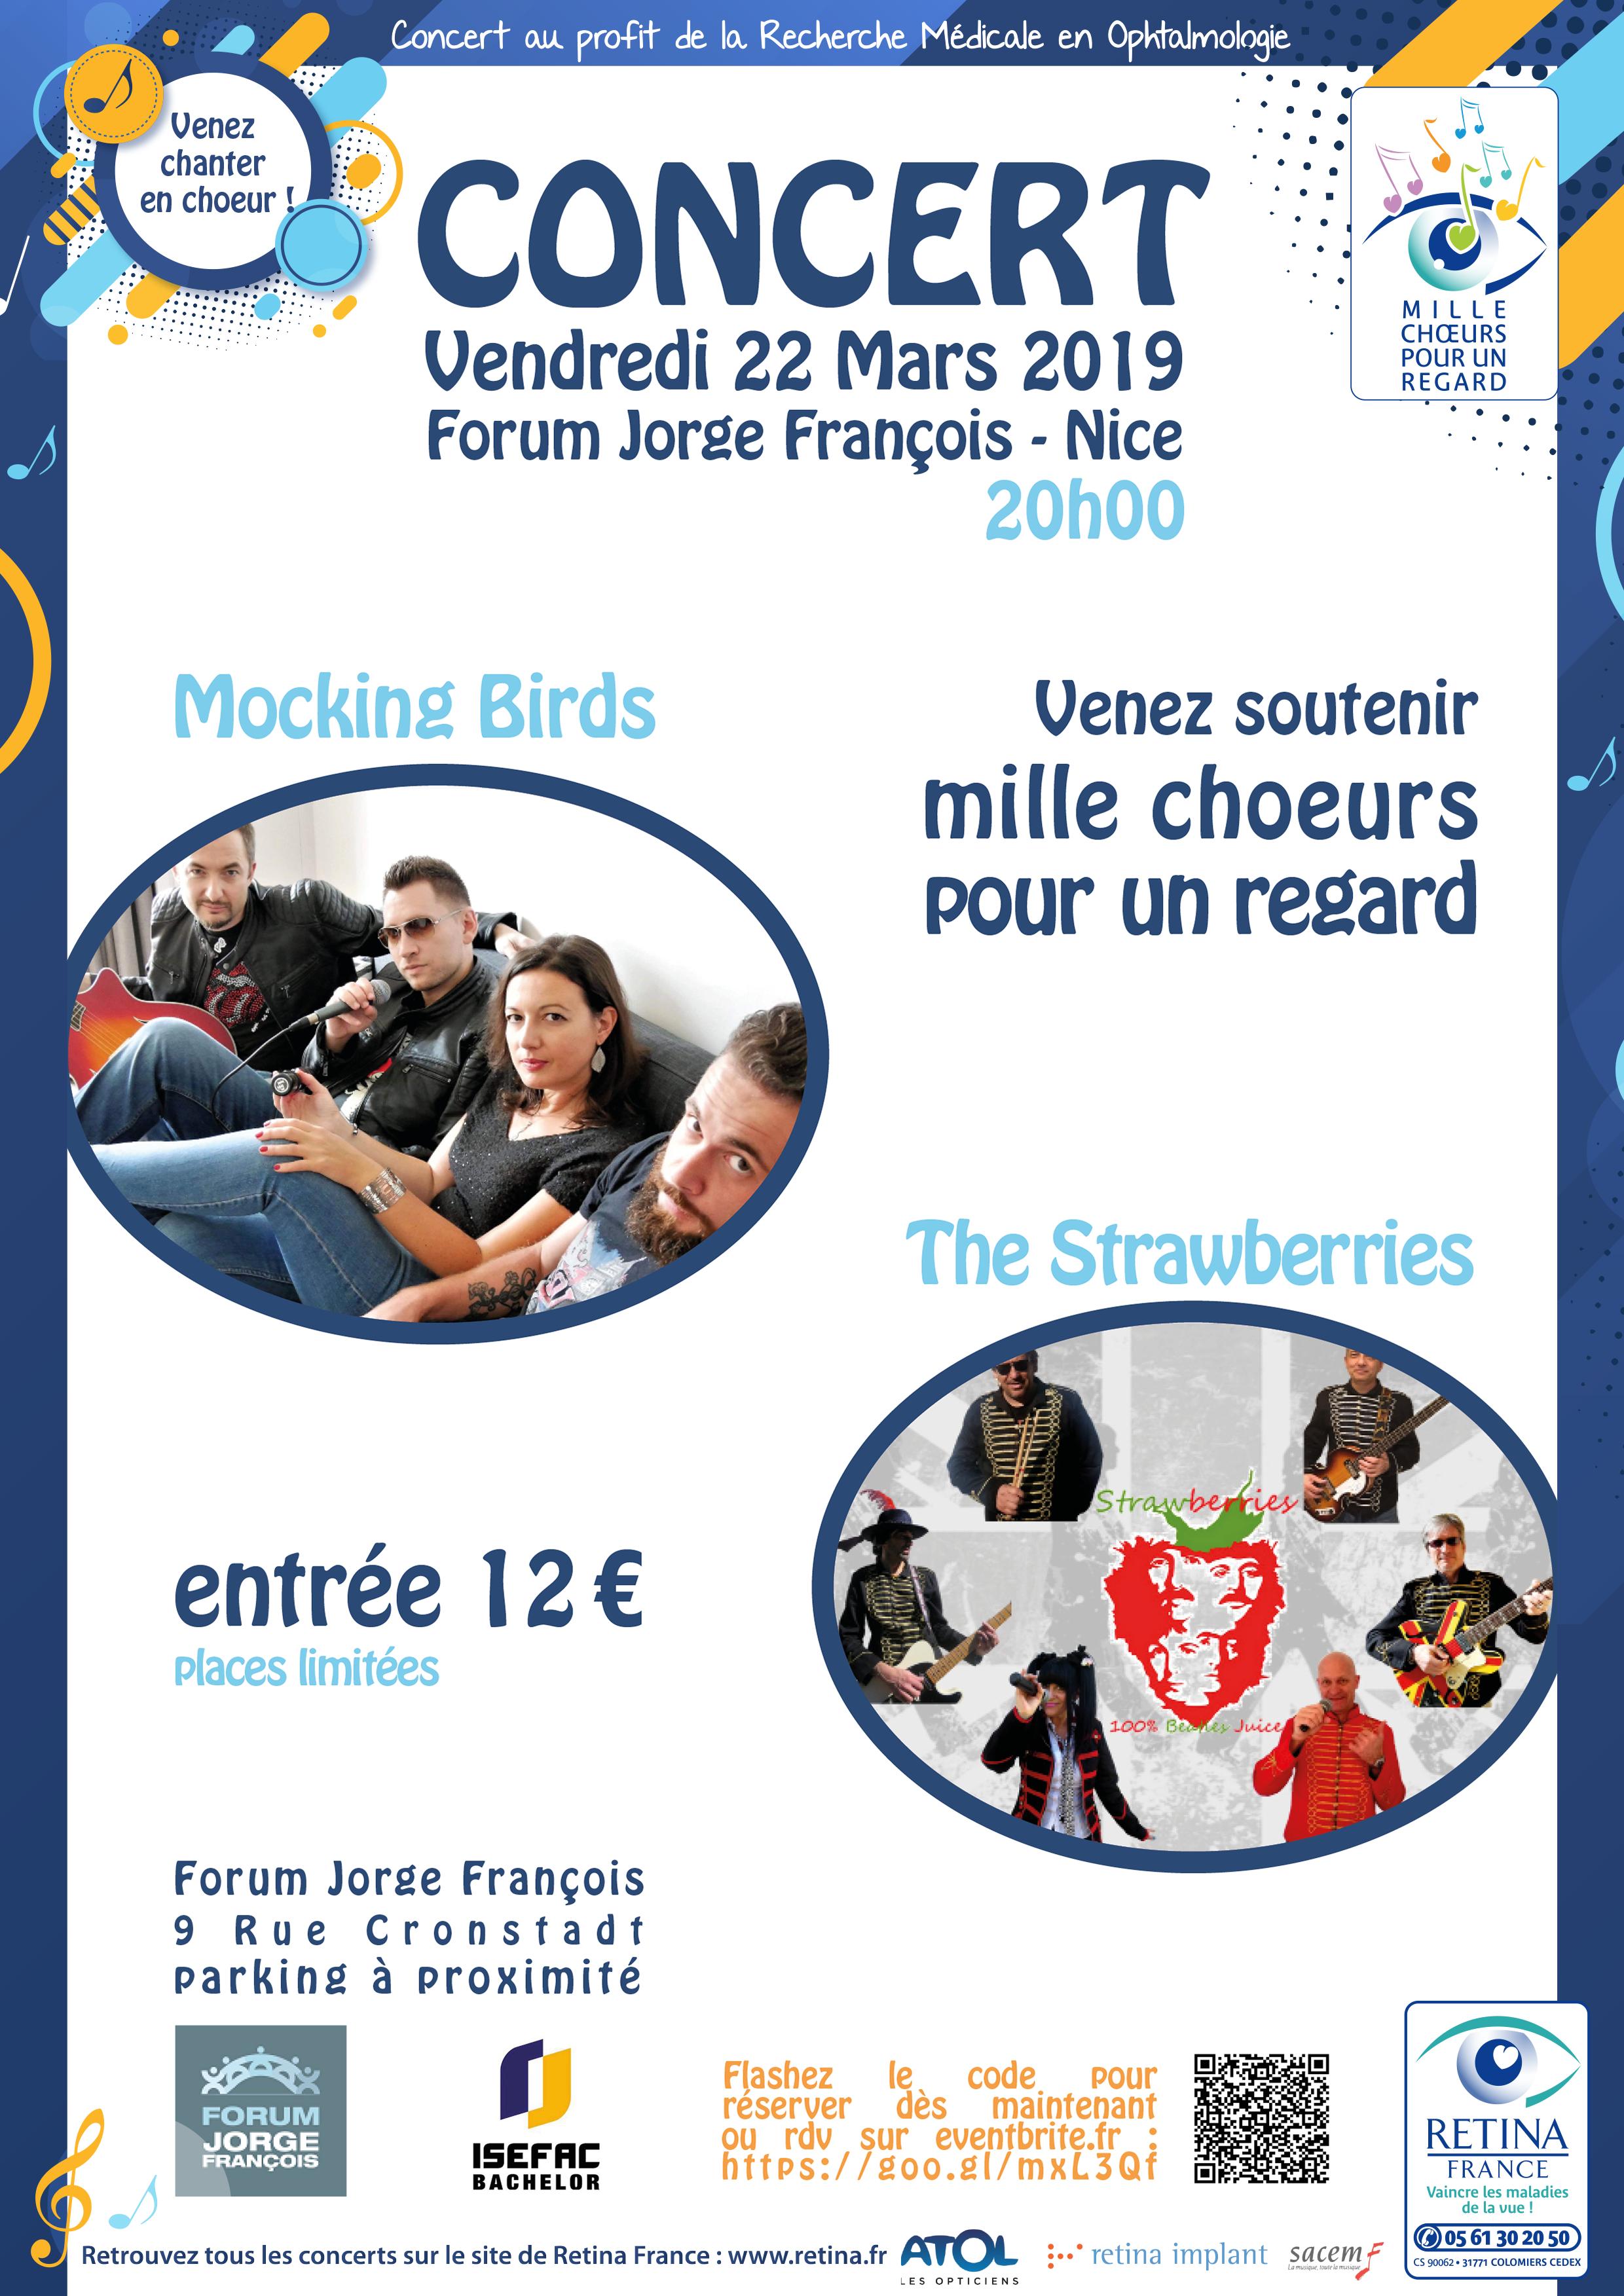 ITW 1000 Choeurs pour 1 regard LIVE  LE 22 Mars 2019